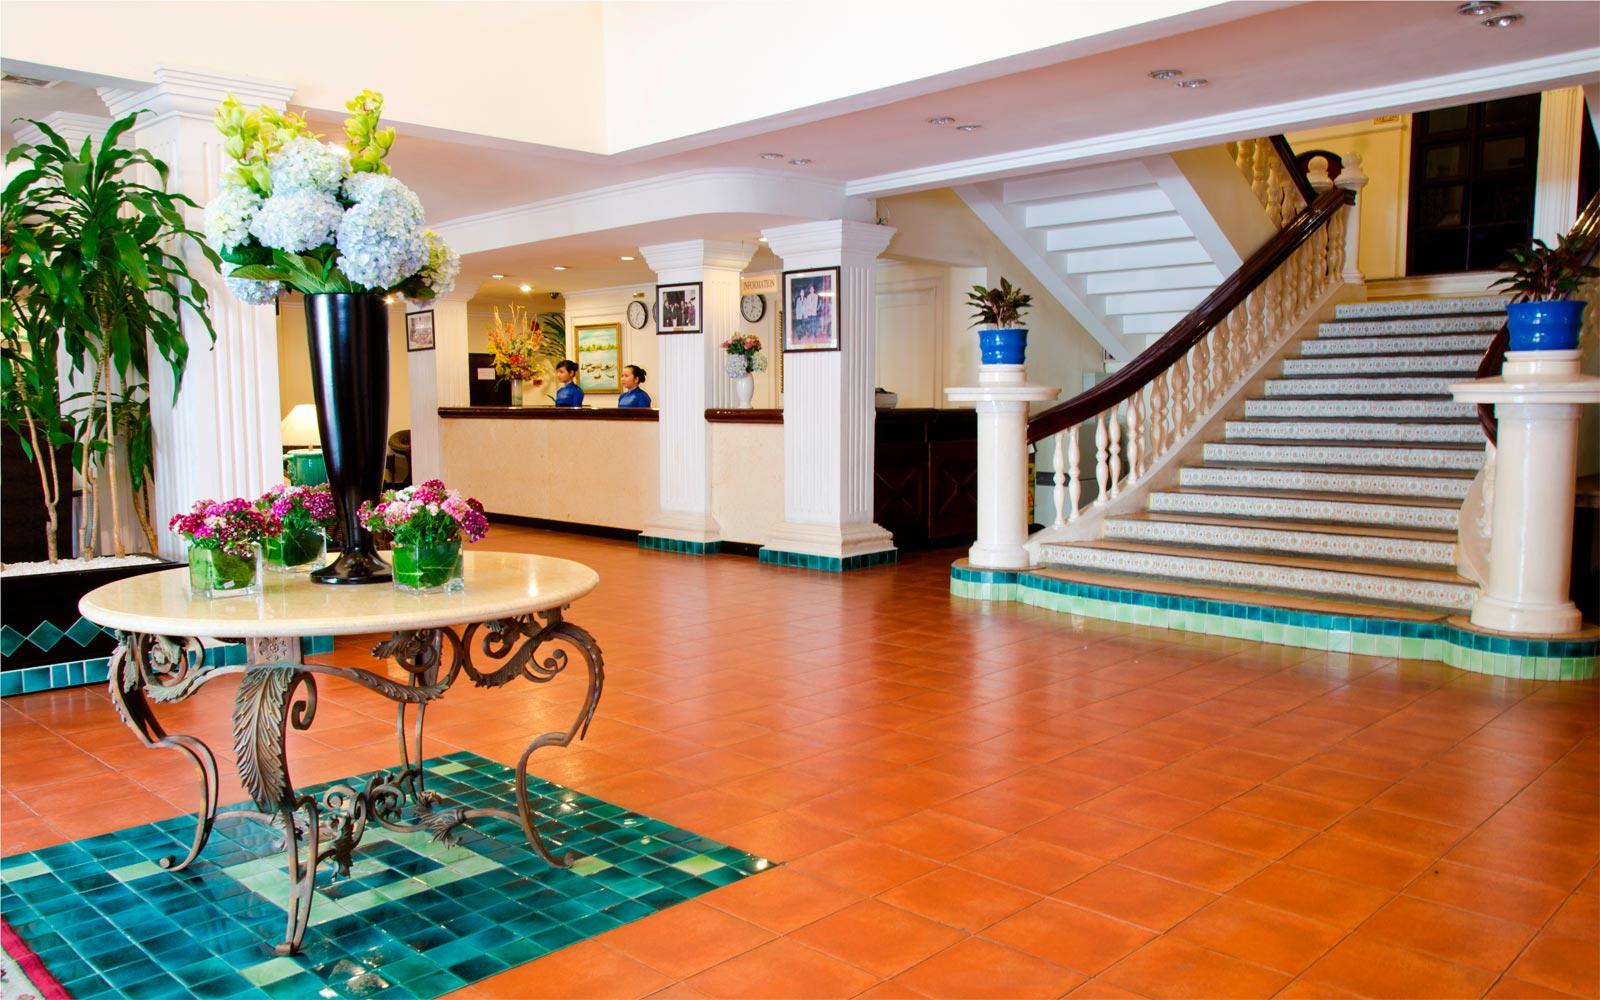 10 khách sạn gần trung tâm Vũng Tàu đẹp, rẻ, gần biển